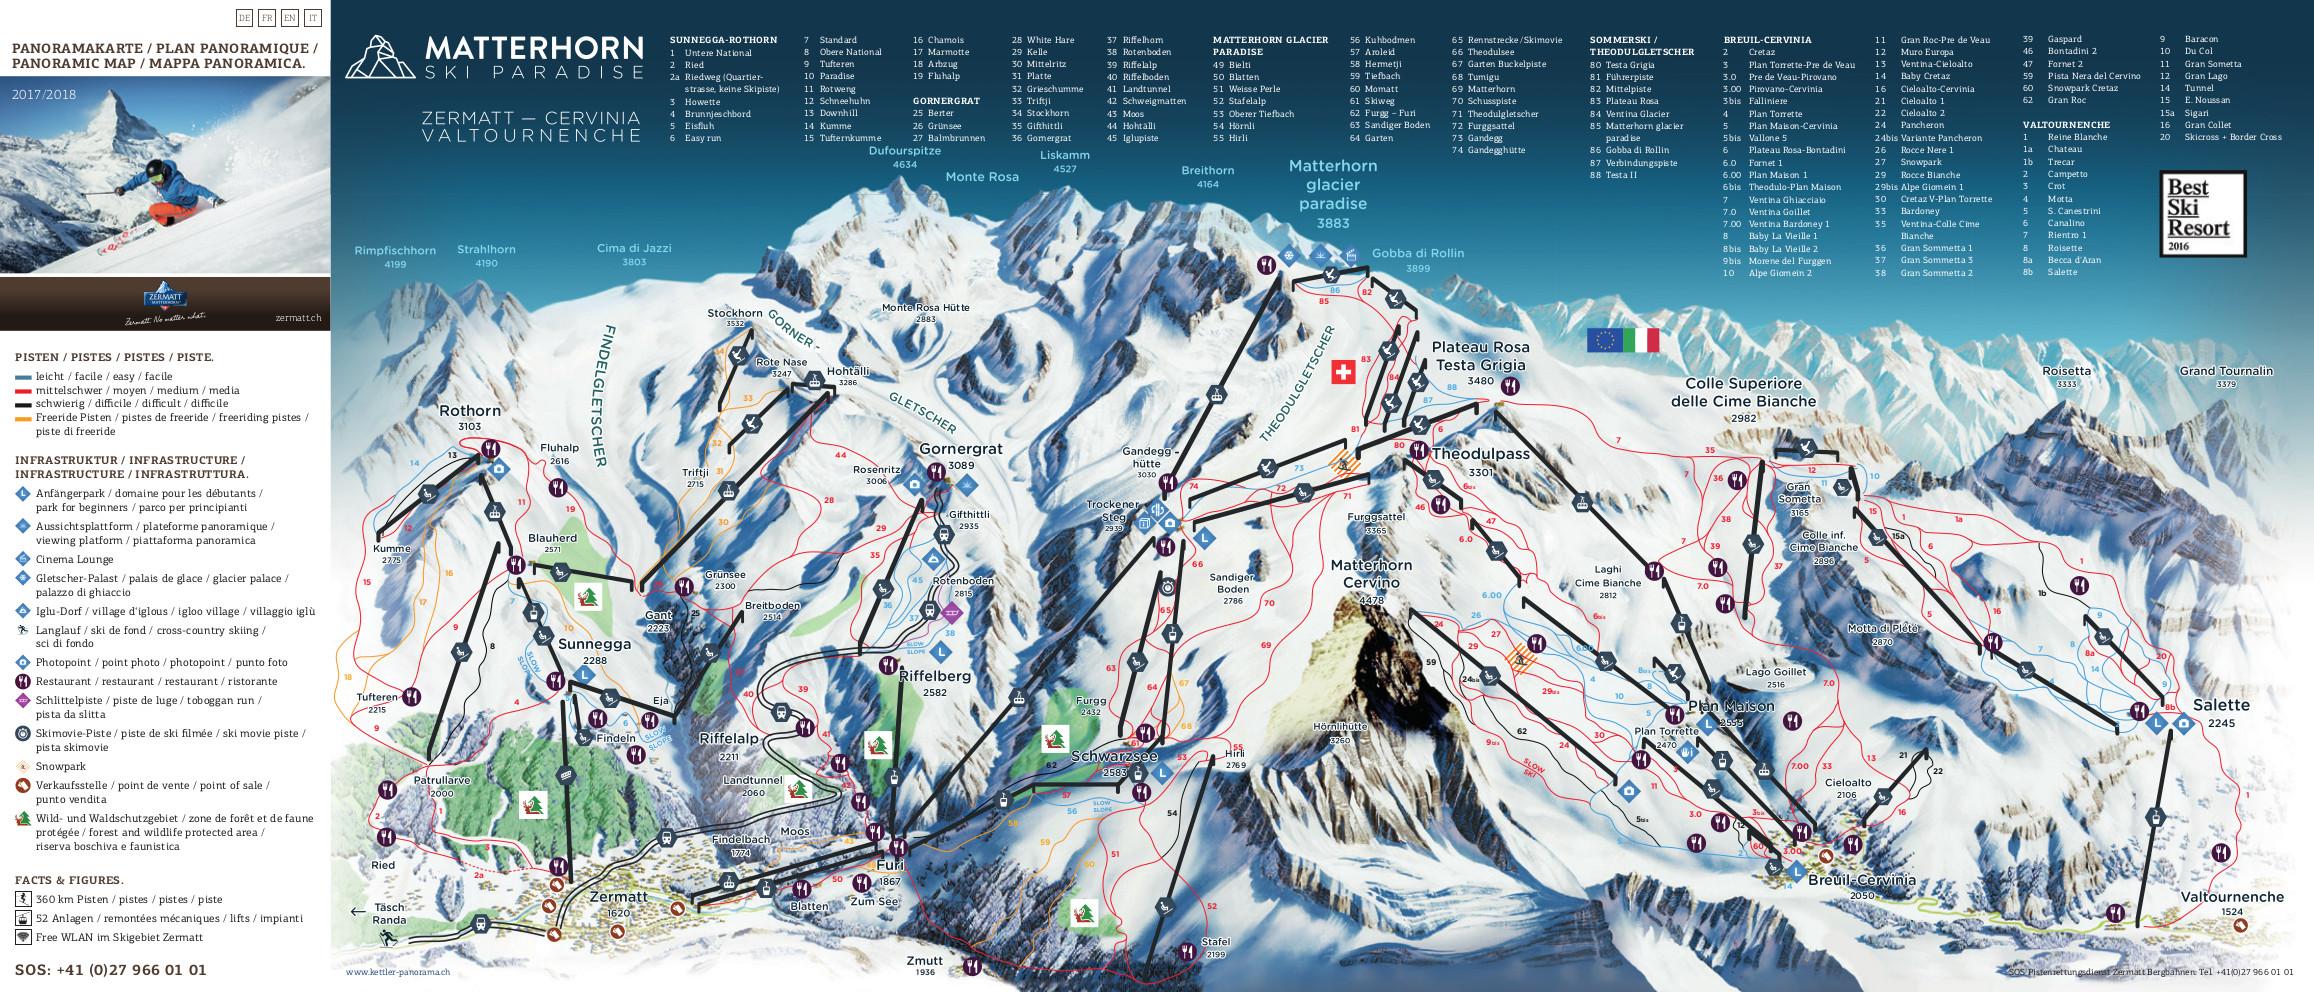 Zermatt Ski Trail Map Free Download